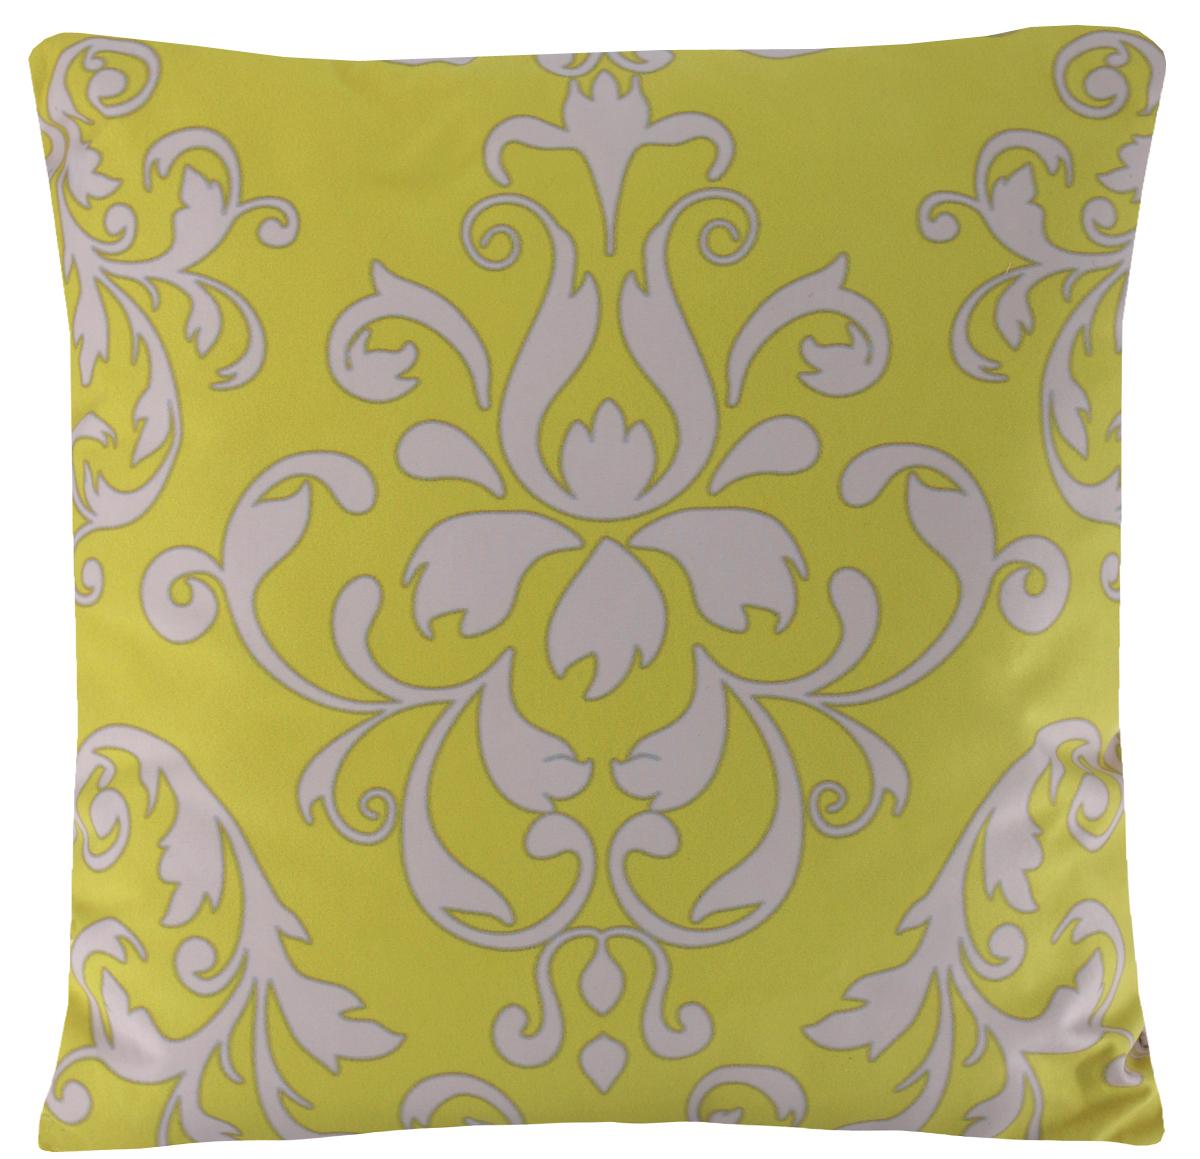 Подушка декоративная Proffi Желтый вензель, 43 х 43 смPH5945Декоративная подушка Proffi Желтый вензель - это яркое украшение вашего дома. Чехол выполнен из приятного на ощупь полиэстера. Чехол закрывается на молнию. Внутри - мягкий наполнитель из синтепона. Лицевая сторона подушки украшена оригинальным рисунком, задняя сторона - однотонного цвета. Стильная и яркая подушка эффектно украсит интерьер и добавит в привычную обстановку изысканность и роскошь.